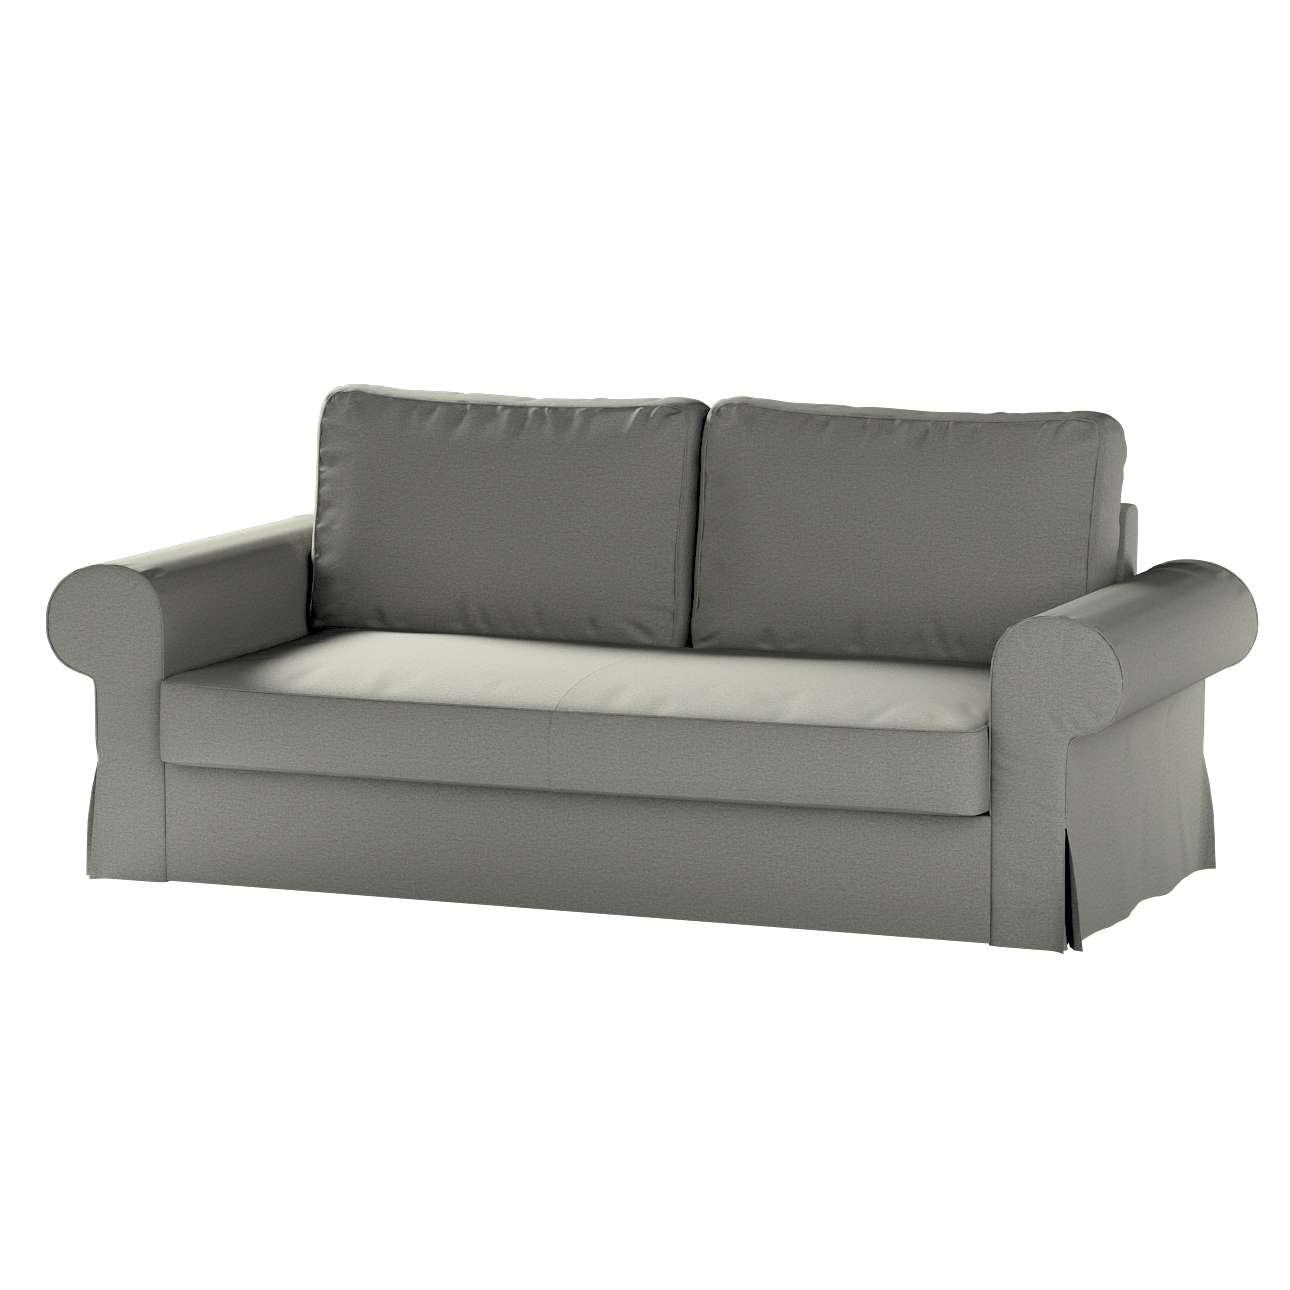 Bezug für Backabro 3-Sitzer Sofa ausklappbar von der Kollektion Etna, Stoff: 161-25